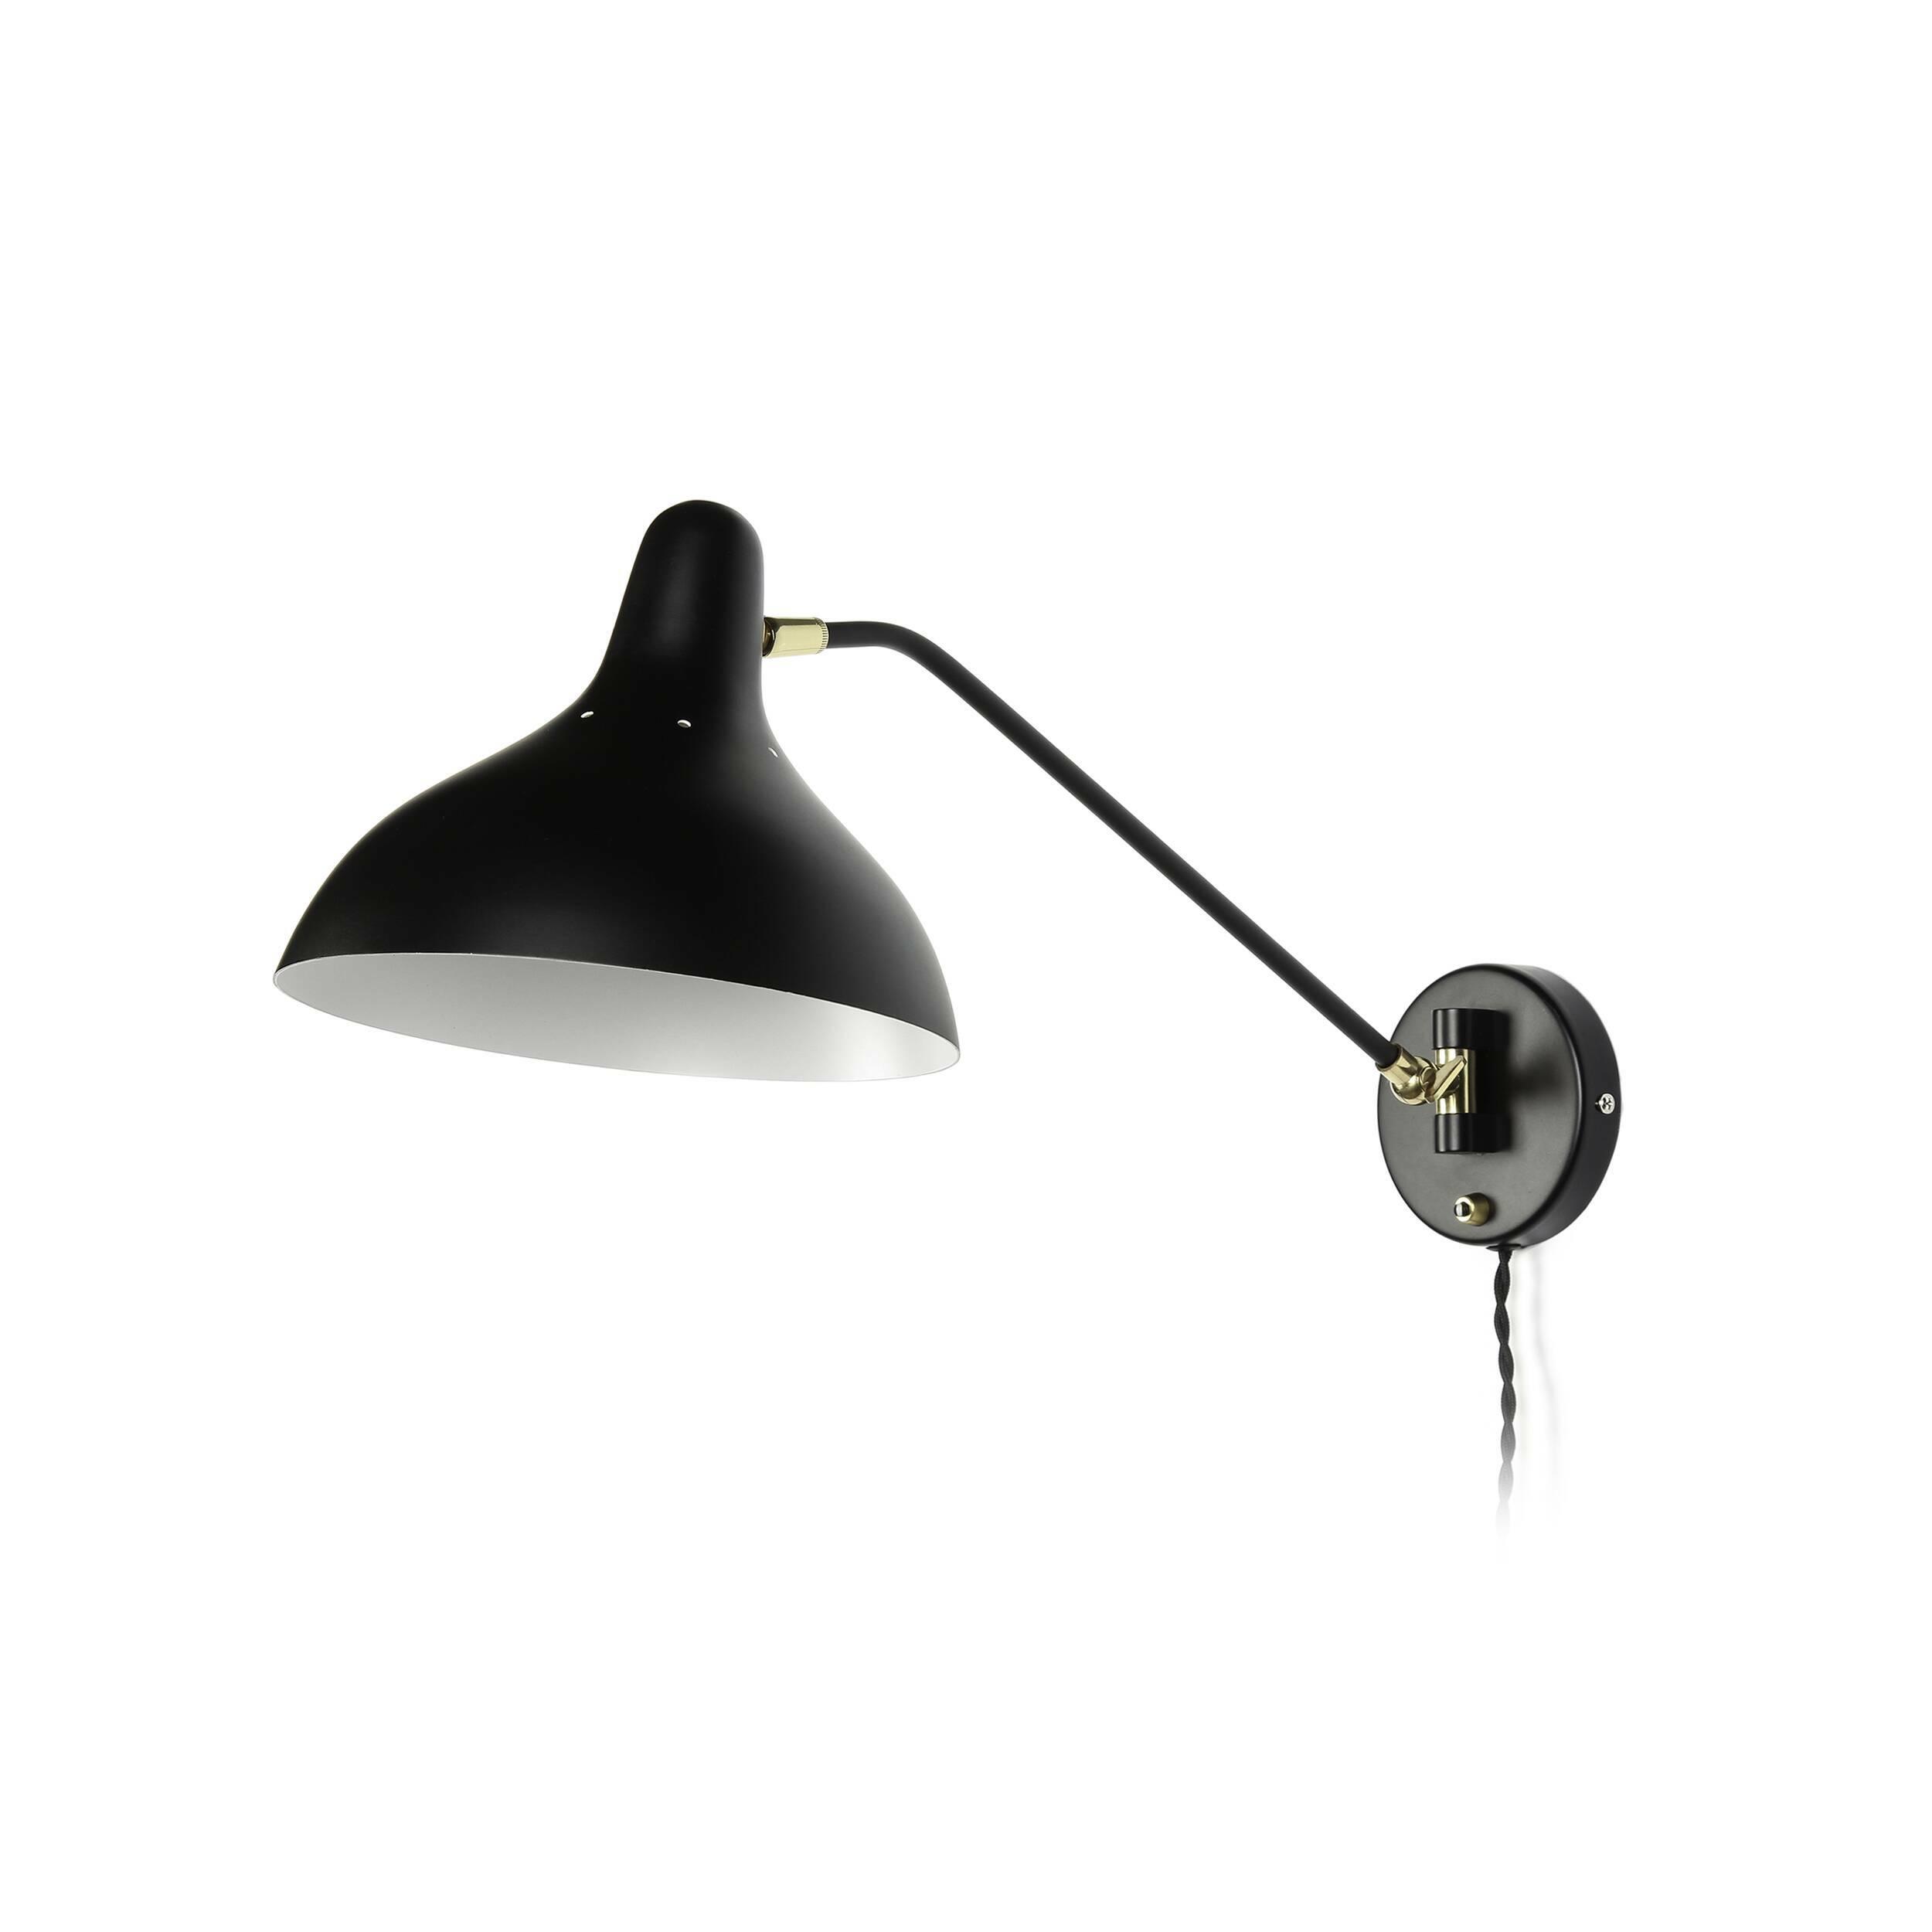 Настенный светильник EL088Настенные<br>Правильно подобранное освещение часто играет ключевую роль в создании нужной атмосферы в помещении. Особенно это касается современных направлений в оформлении интерьеров, где обычно много свободного пространства и требуется хорошее освещение. Настенный светильник Ogilvy в стиле лофт – это отличное решение для таких помещений.<br><br><br> Модель изготовлена из металла и выполнена в черном цвете – идеальный вариант для создания функционального, практичного и элегантного интерьера. Такое изделие ...<br><br>stock: 20<br>Высота: 28<br>Диаметр: 50<br>Материал арматуры: Металл<br>Цвет арматуры: Черный